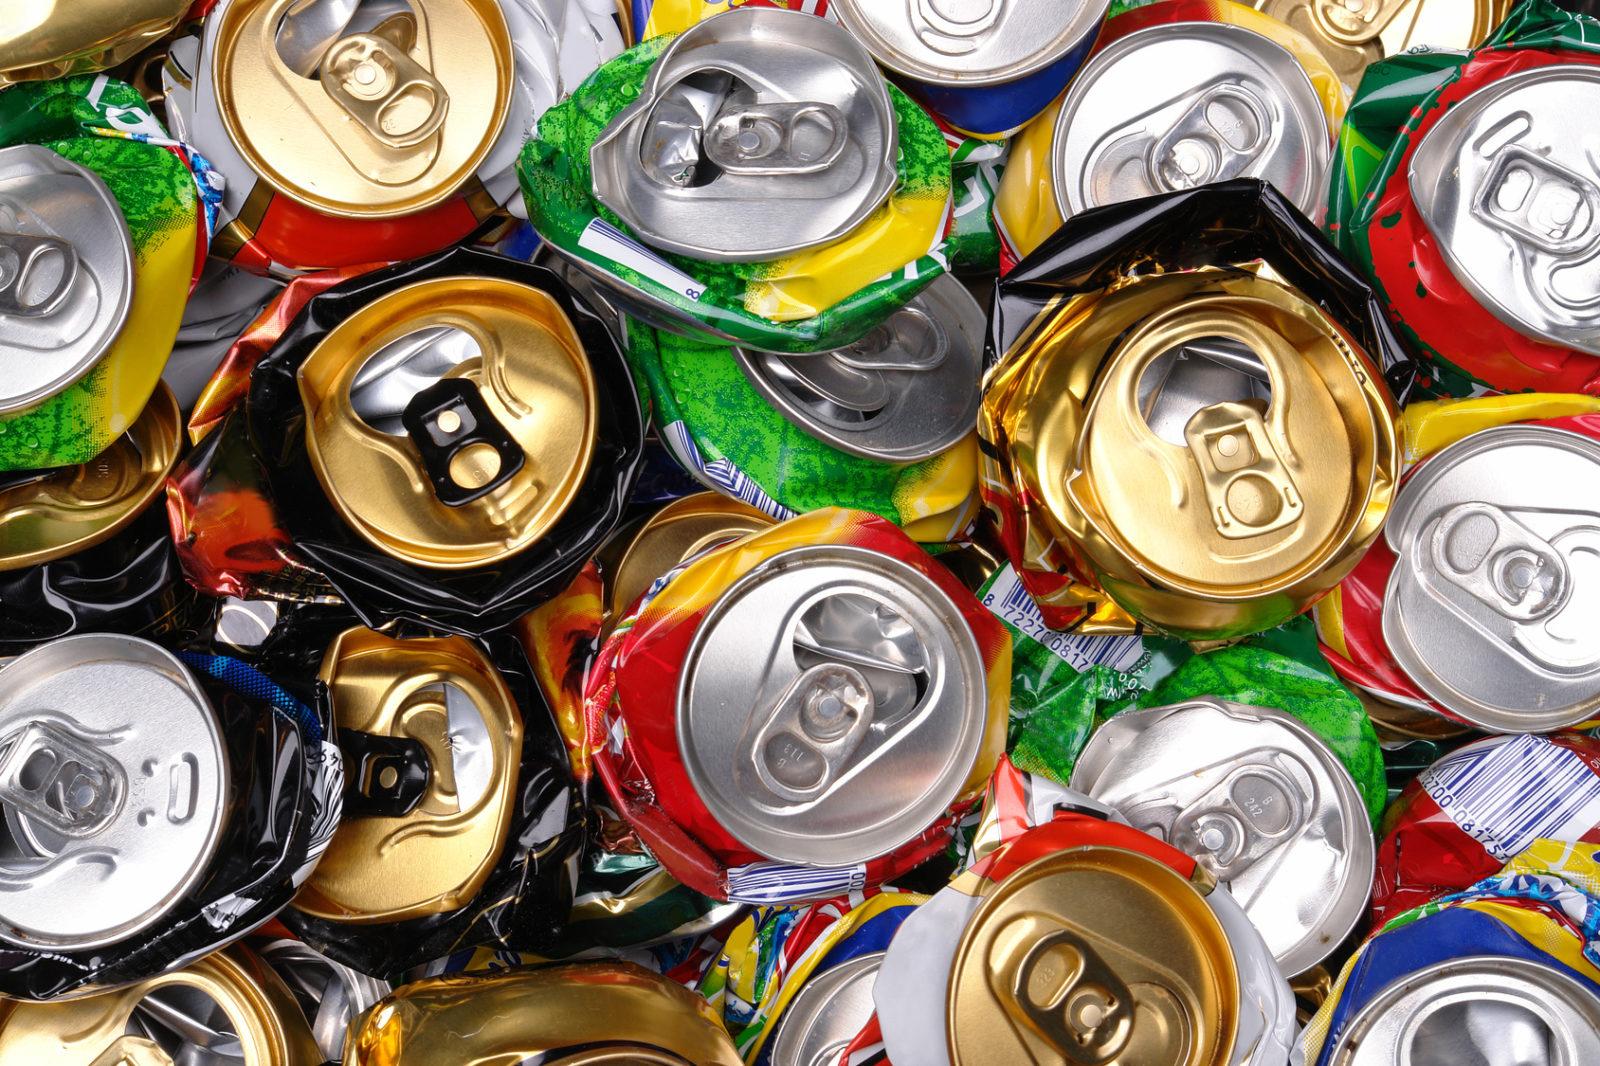 millerpack csomagolóanyag blog, szelektív hulladékgyűjtés, környezetvédelem, környezetszennyezés, újrahasznosítás, fémhulladék, papírhulladék, kartondoboz, papírdoboz